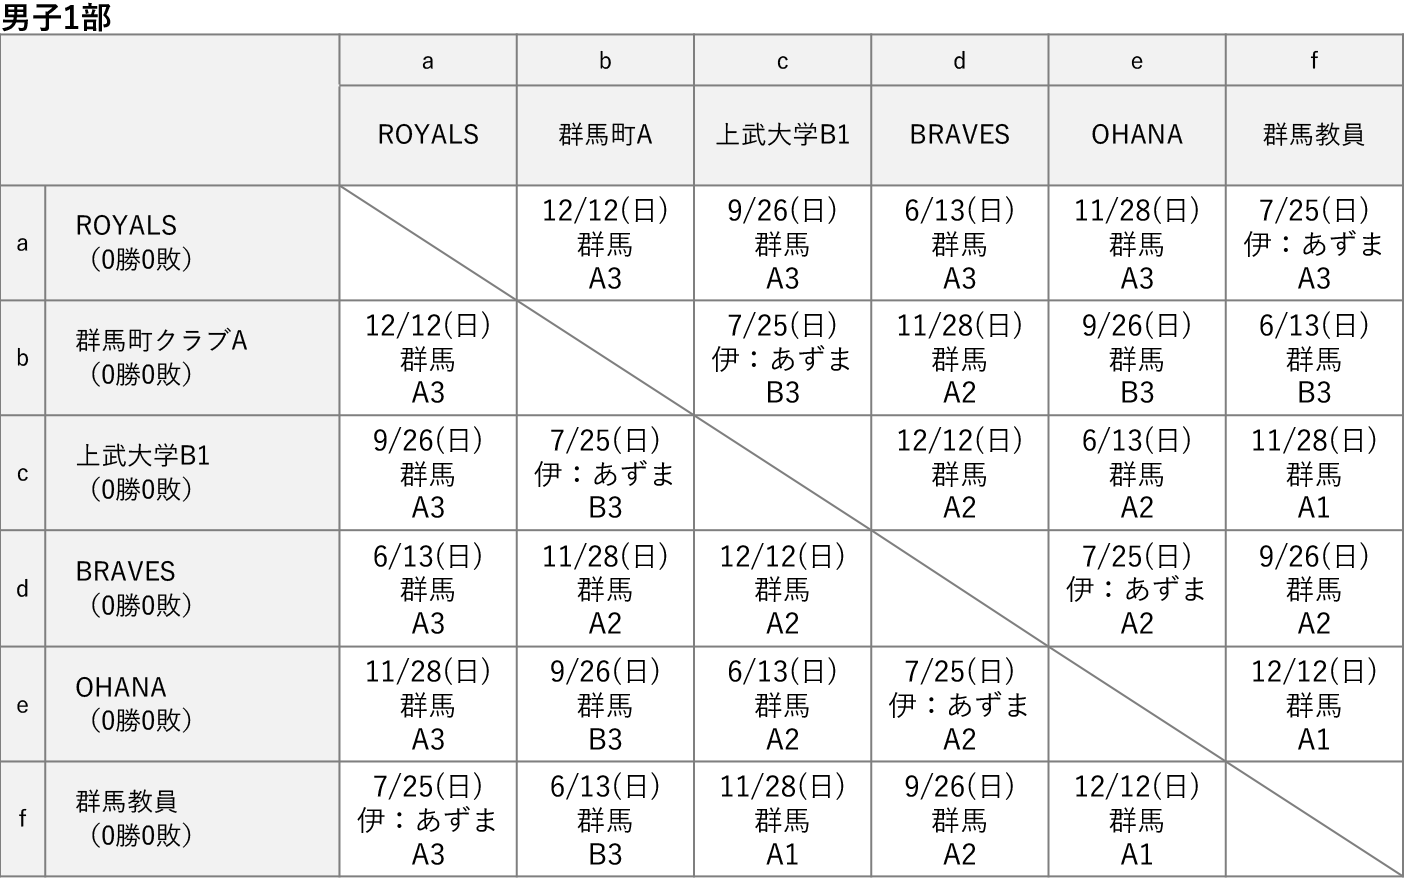 2021社会人リーグ 男子1部 星取り表